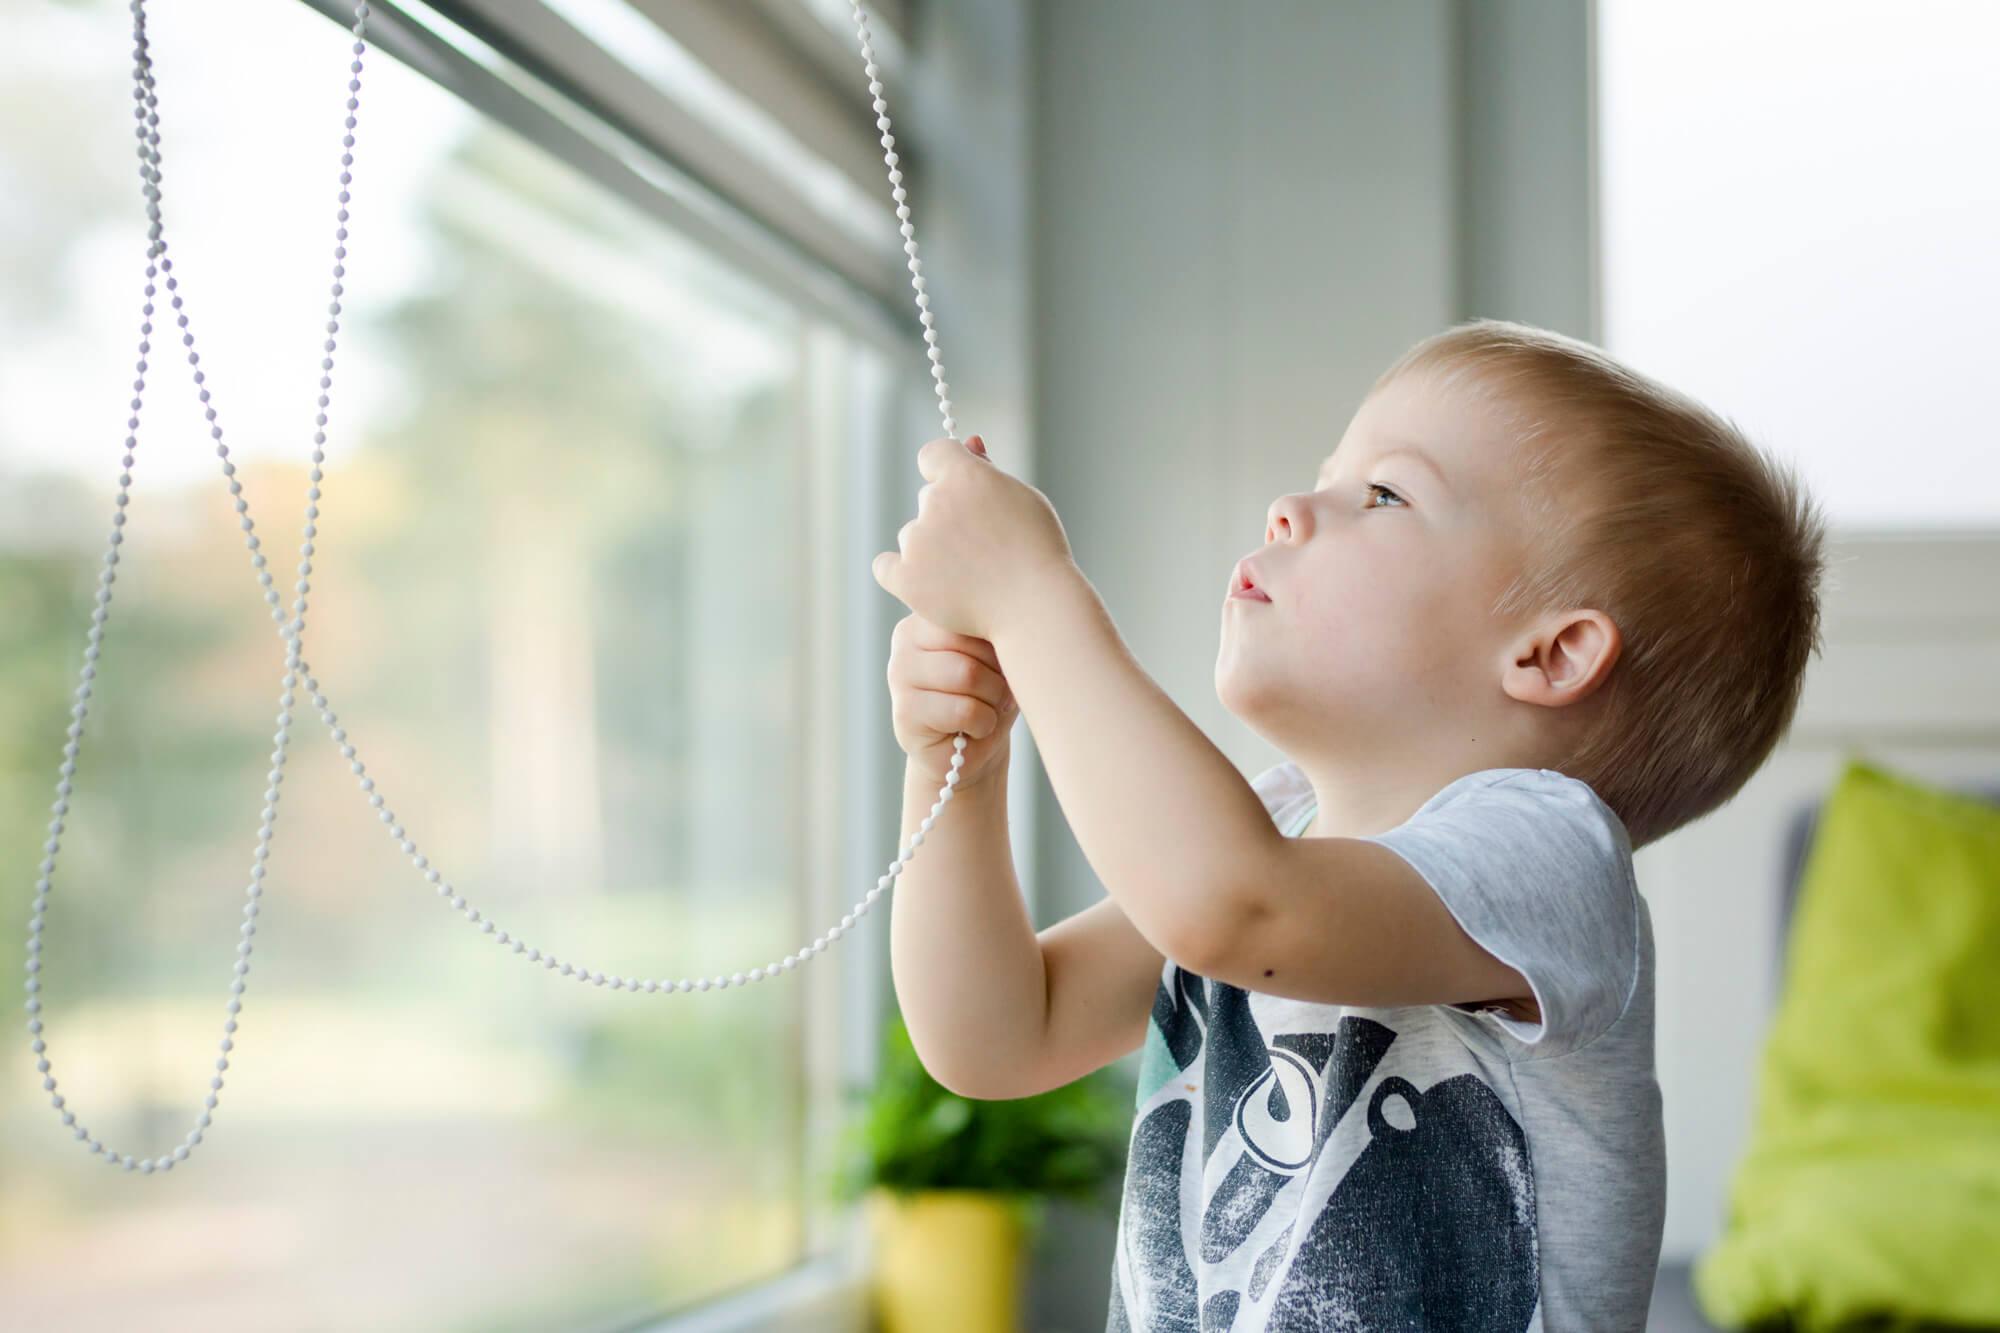 Dekoracje okna bezpieczne dla dzieci – co musisz wiedzieć?